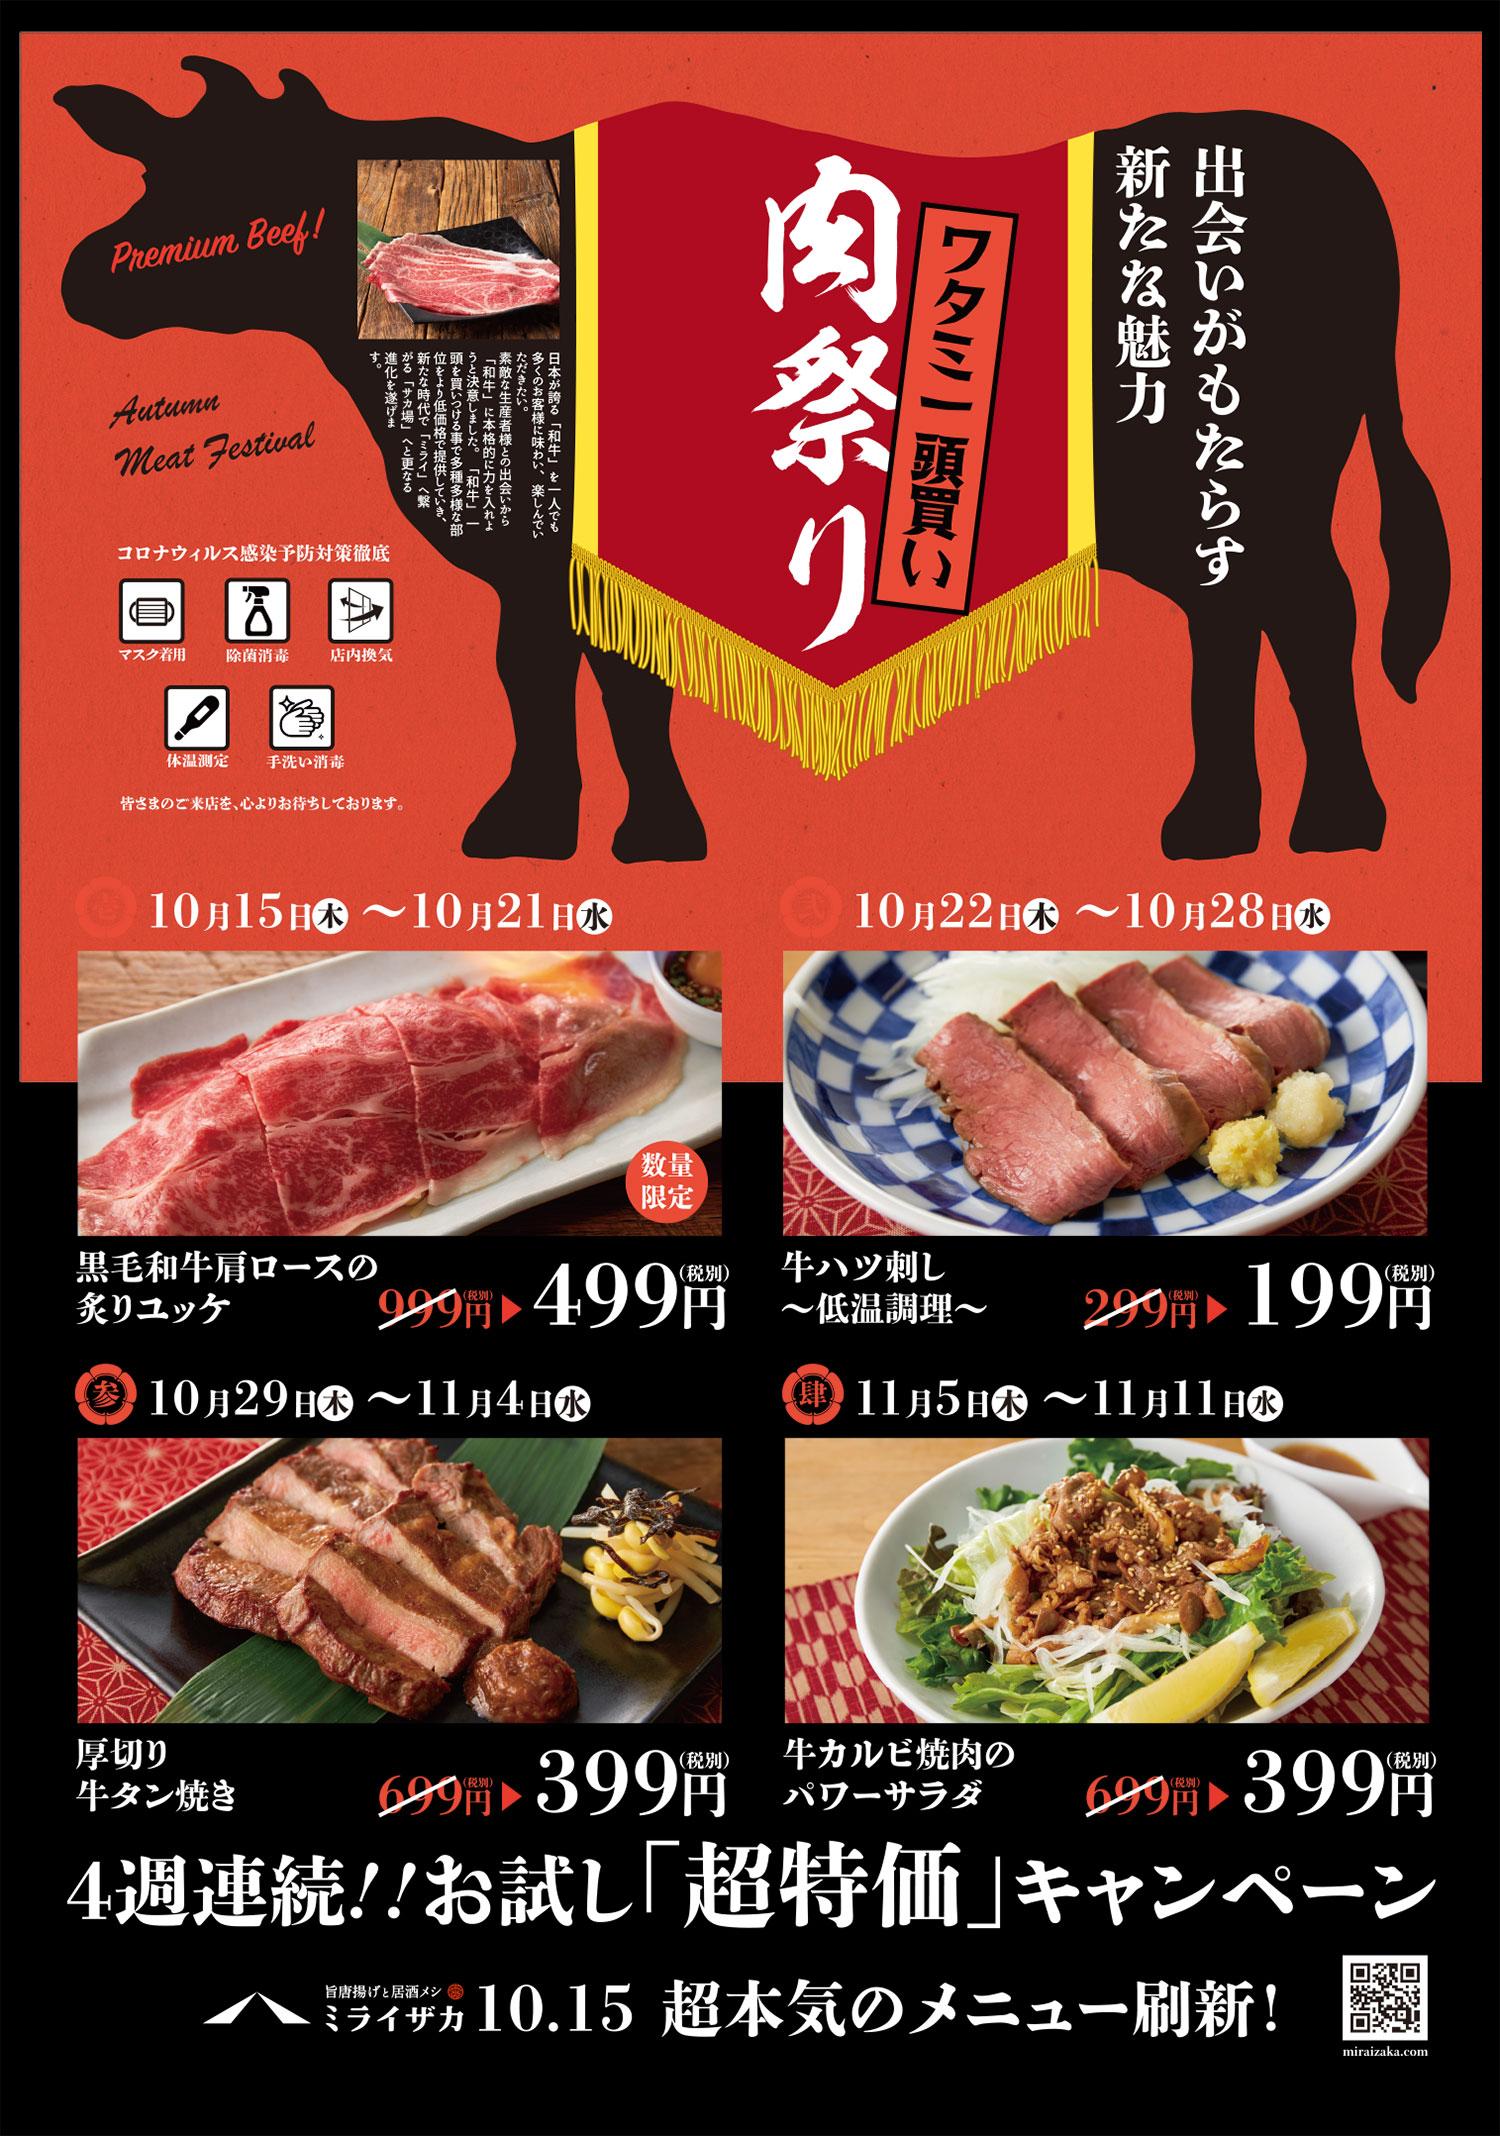 ミライザカ 肉祭り ワタミ一頭買い